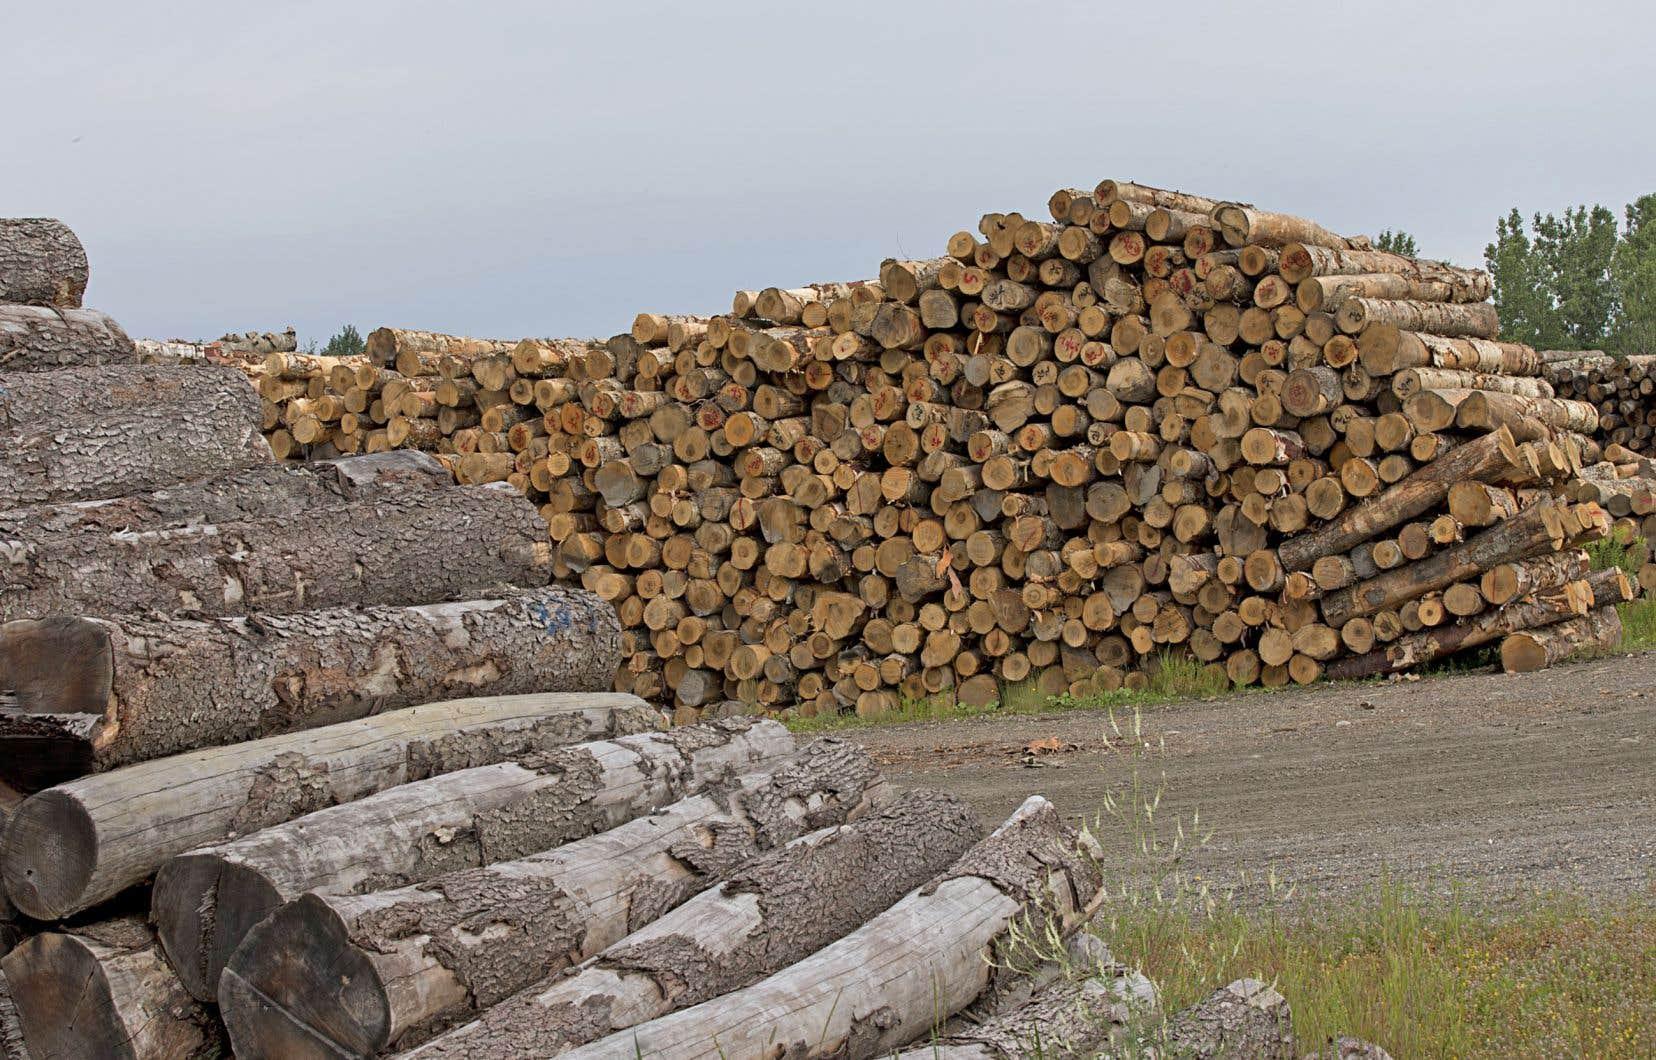 L'entreprise québécoise a affirmé que les prix du bois d'oeuvre avaient été considérablement plus bas lors du dernier trimestre, ce qui l'a incitée à réduire sa production.